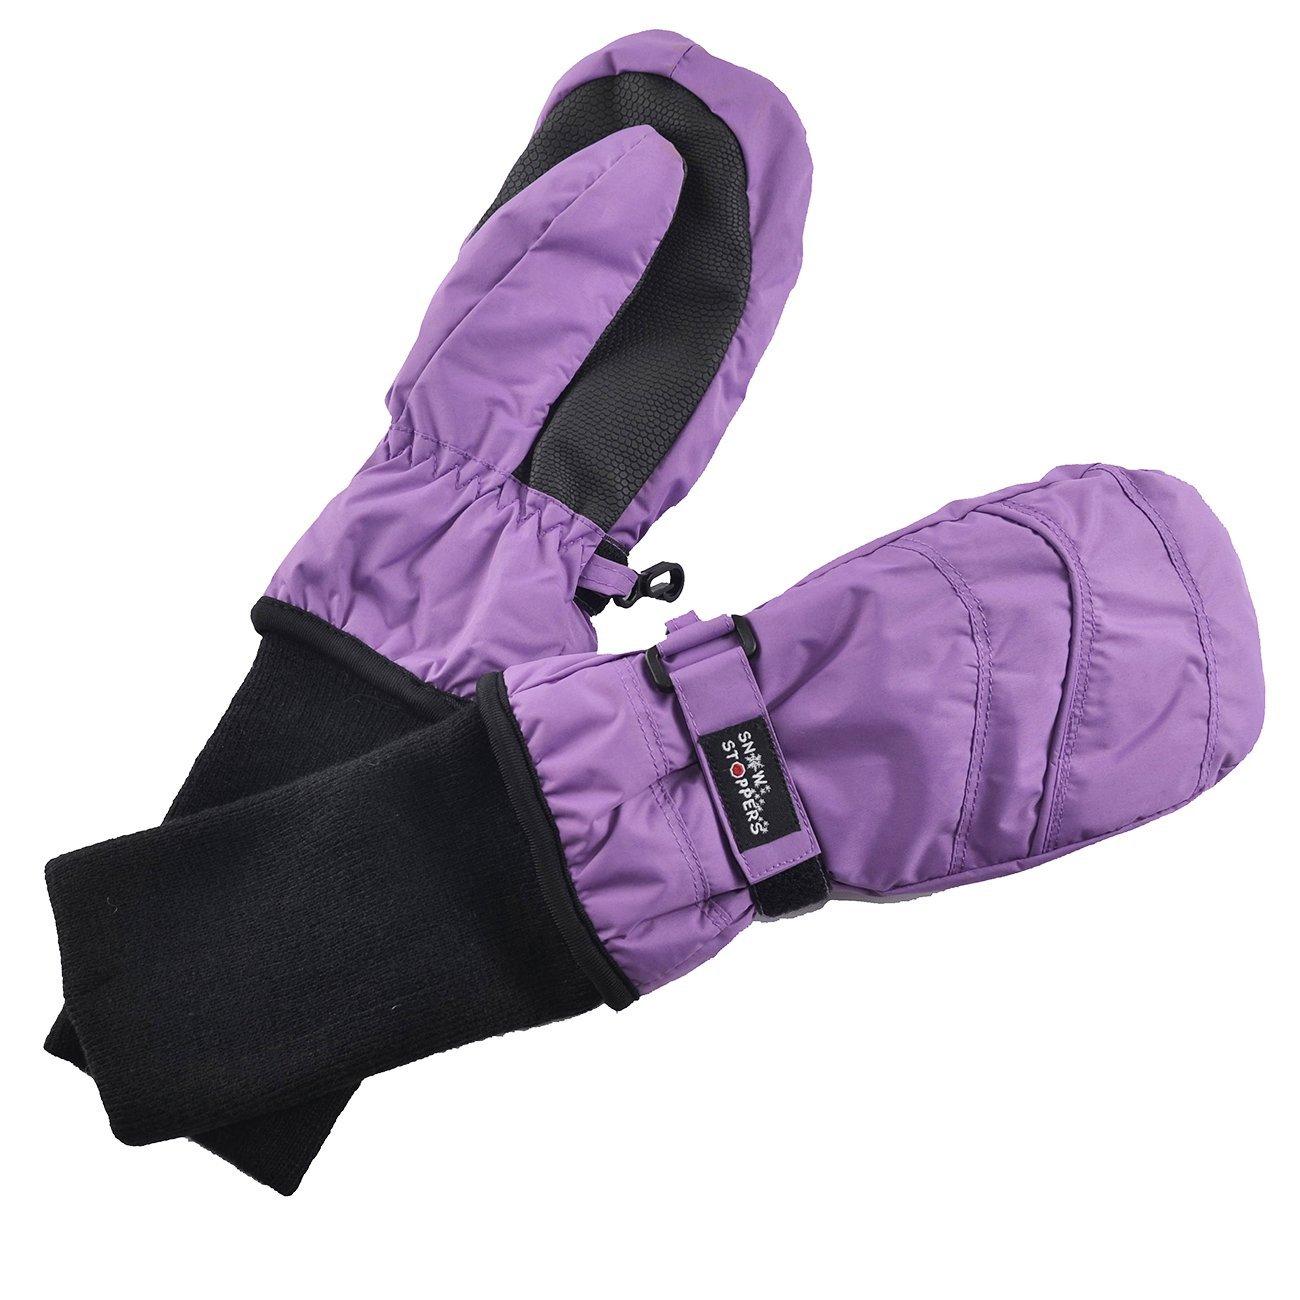 Kids Nylon Waterproof Mittens in Purple